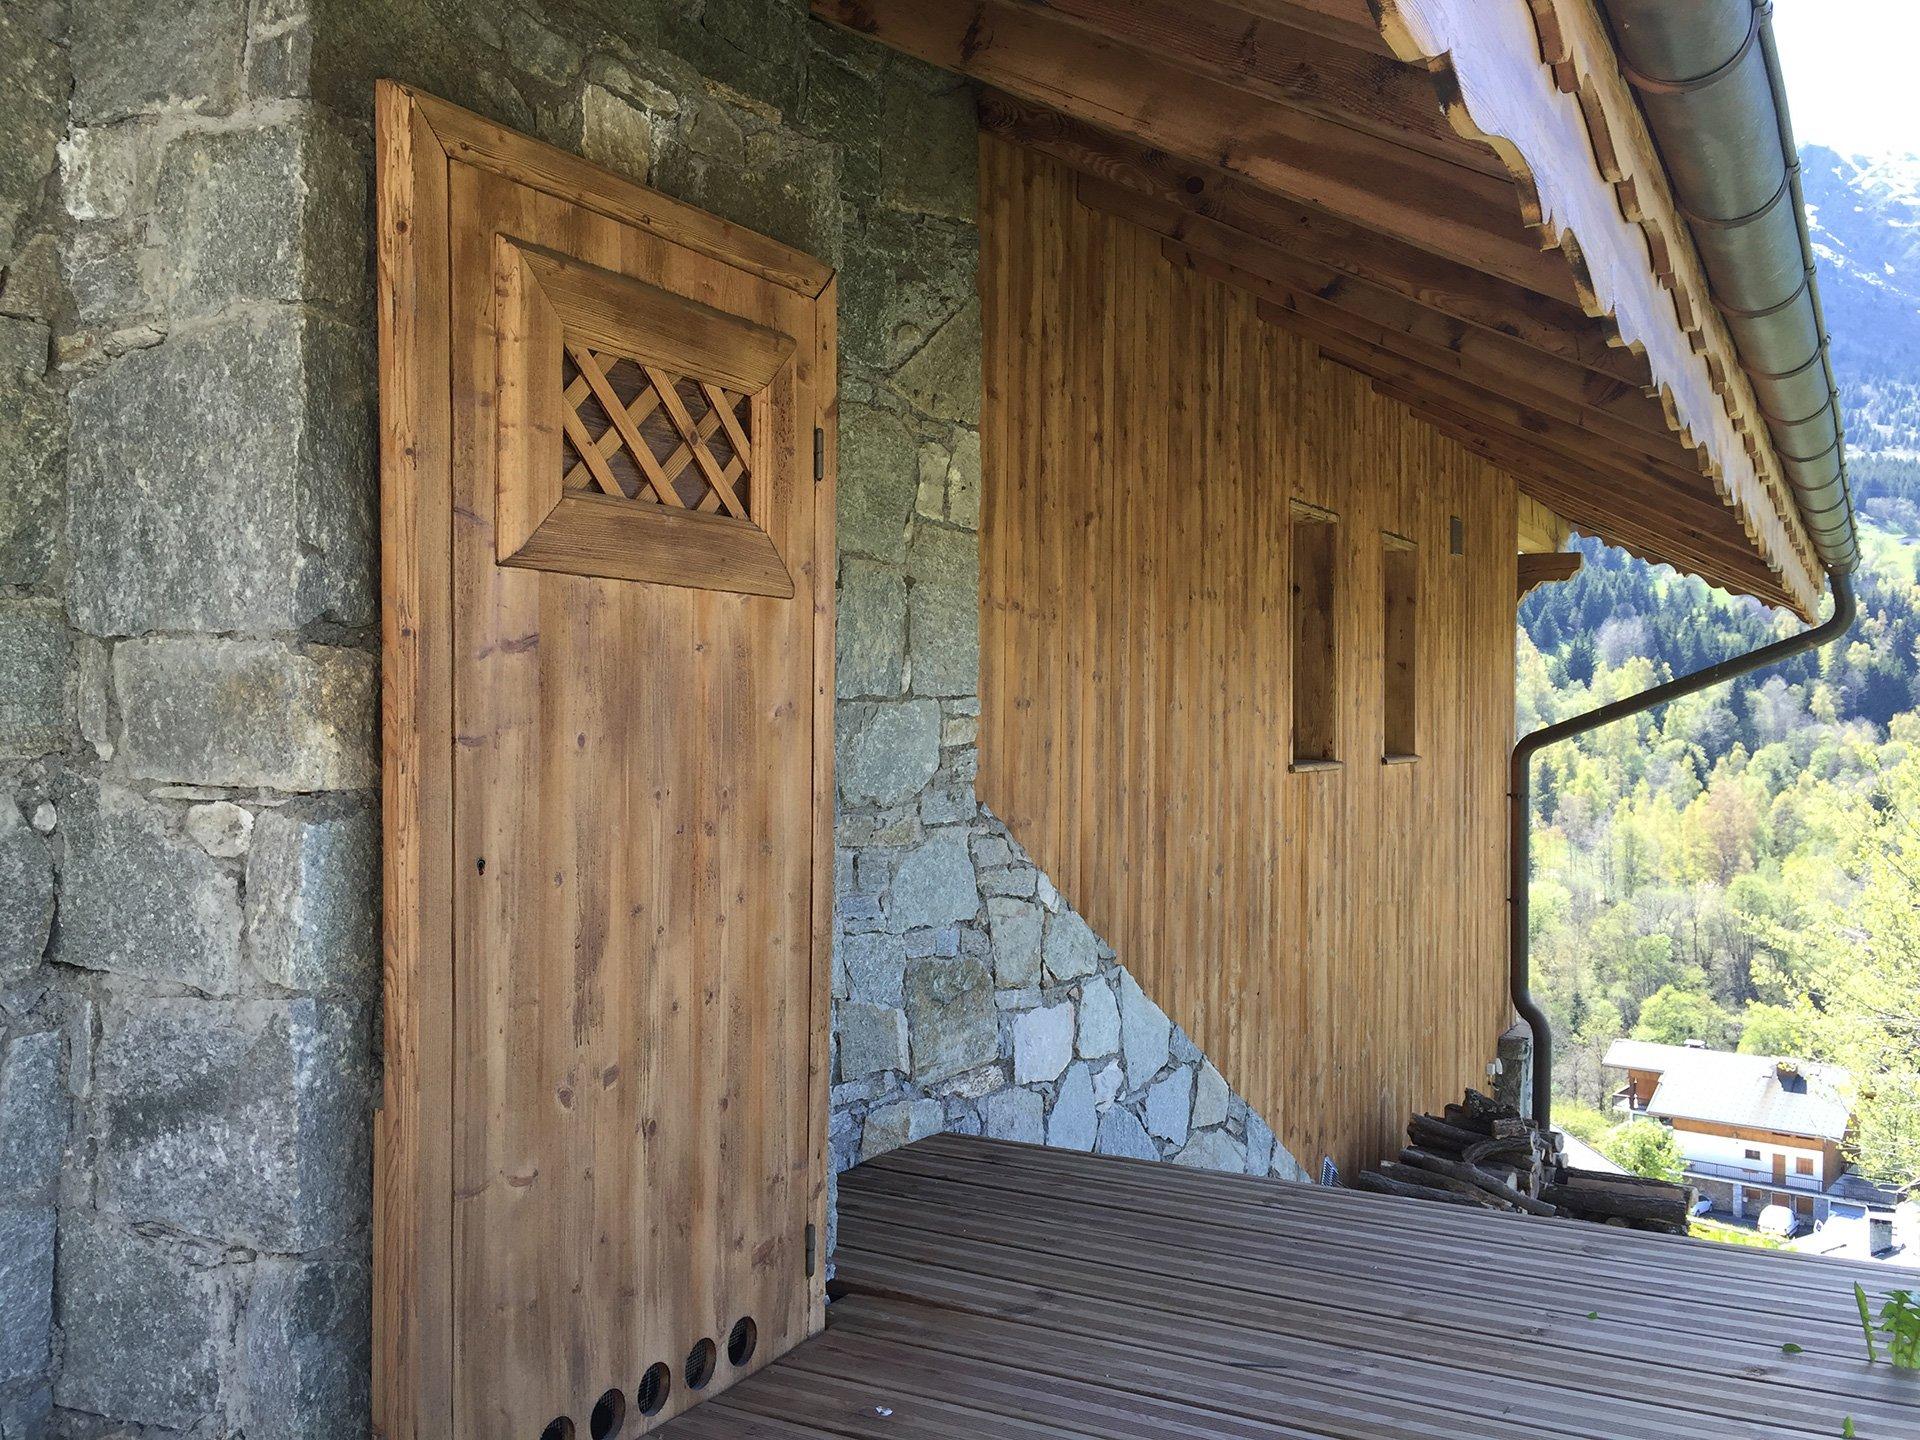 Décapage bois et traitement de la pierre d'une maison à Annecy (Savoie 73)